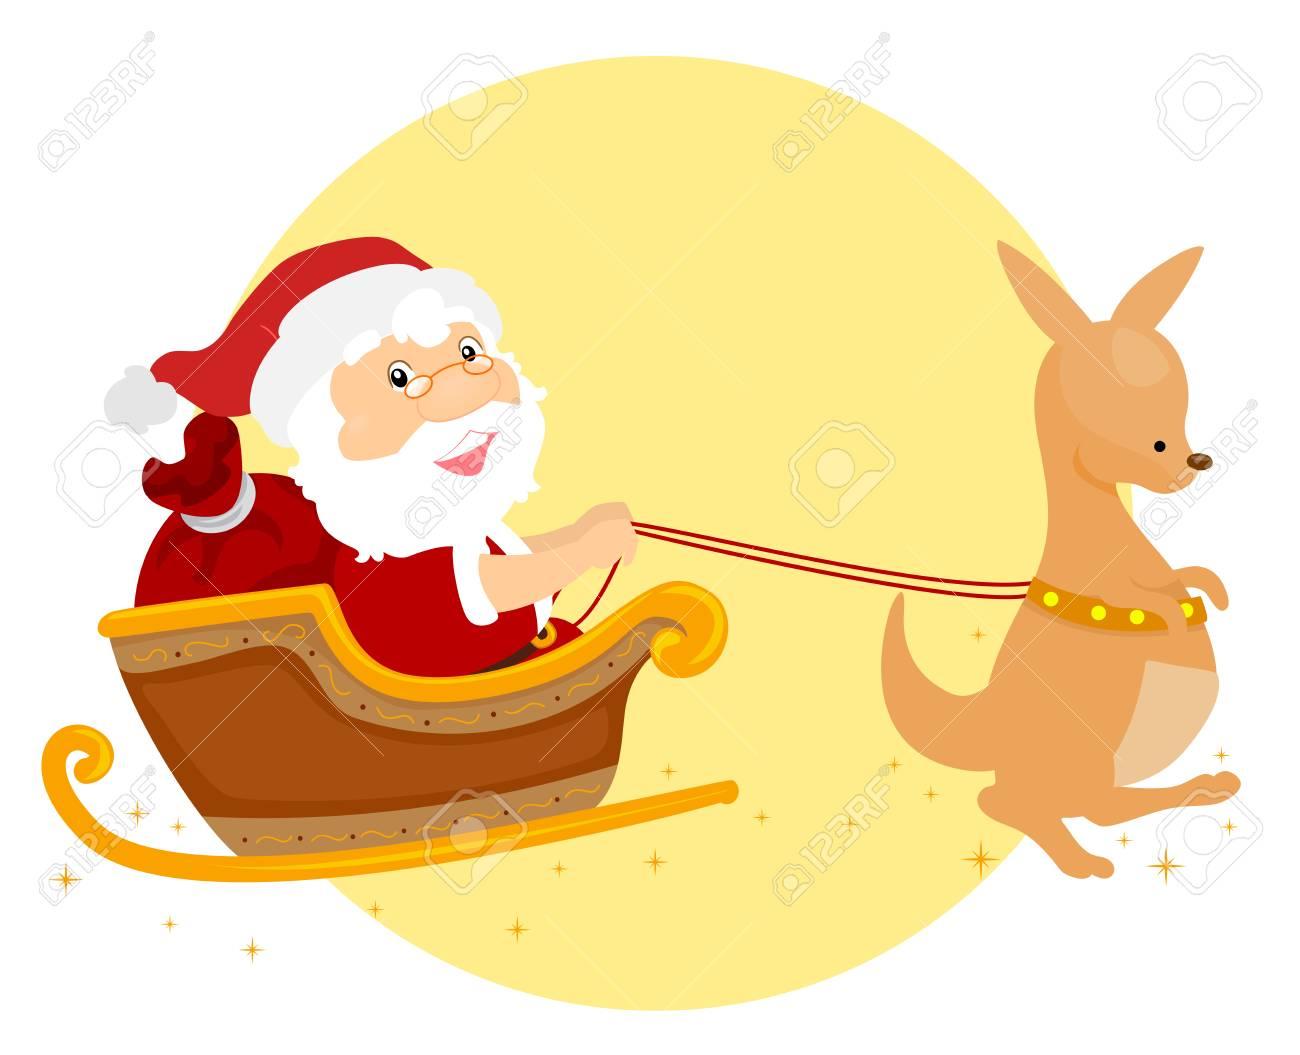 Illustration Eines Sommer-Weihnachten Santa Claus, Die Einen Känguru ...